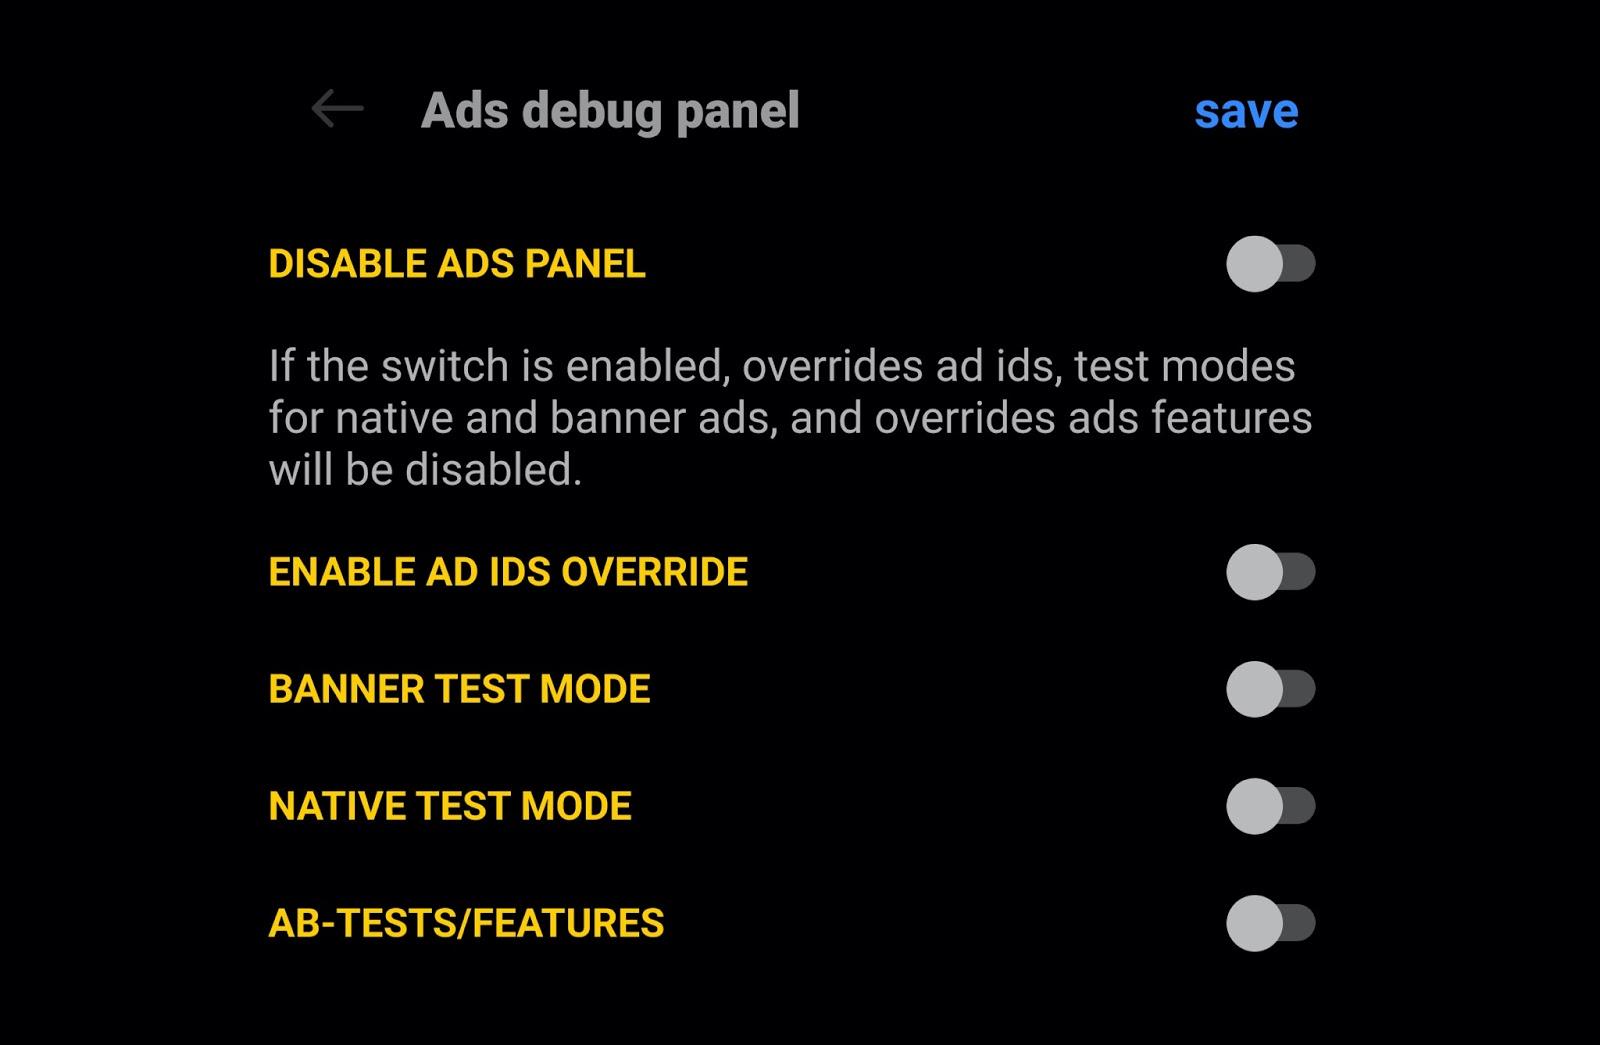 Гайд по тестированию рекламы для мобильных приложений - 2